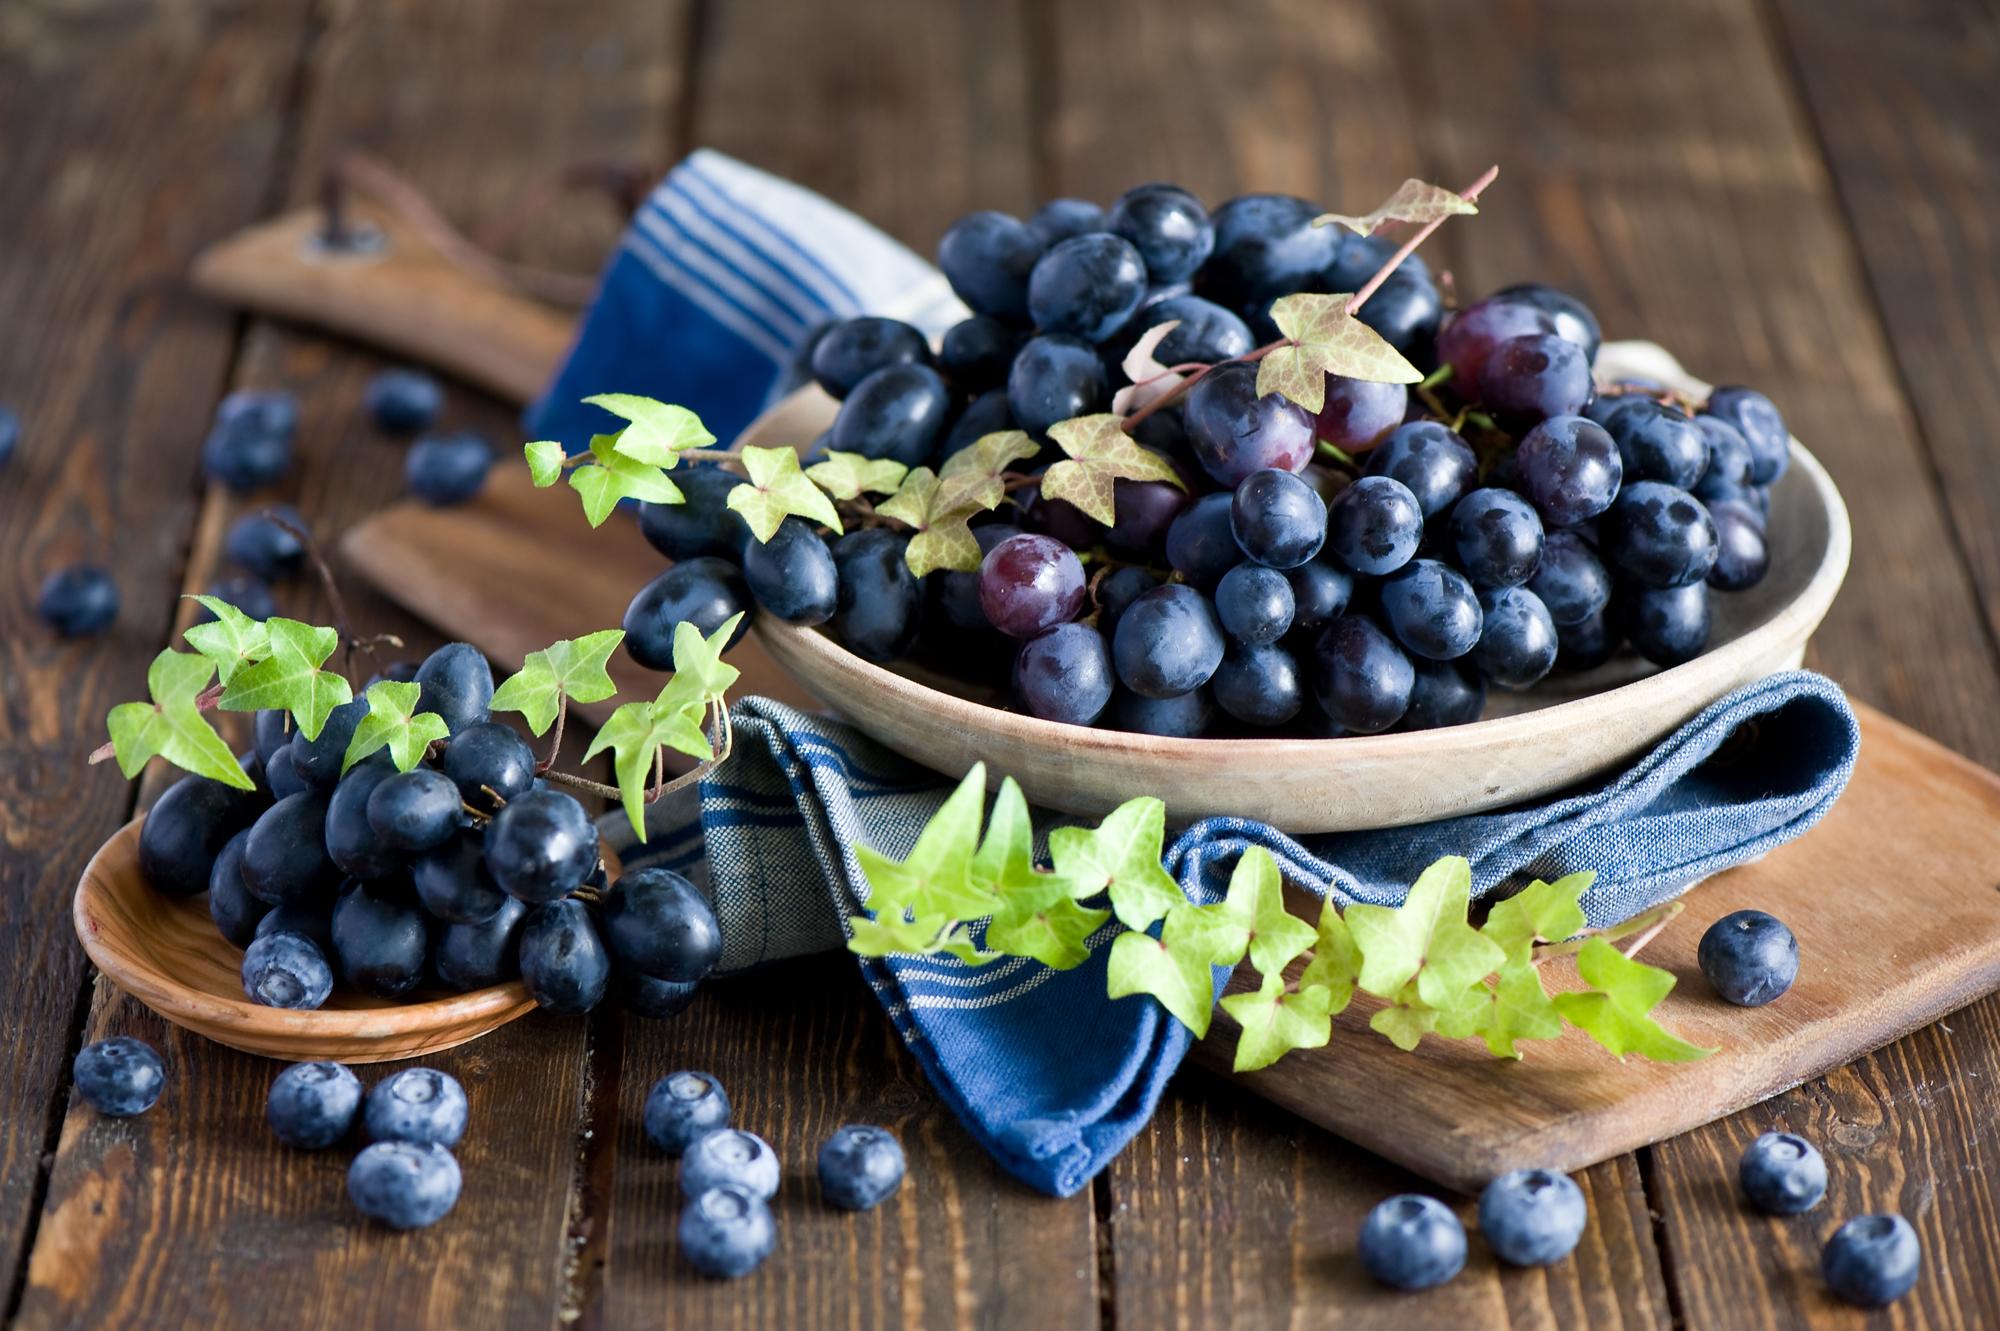 еда чай пирожные виноград  № 377999 бесплатно